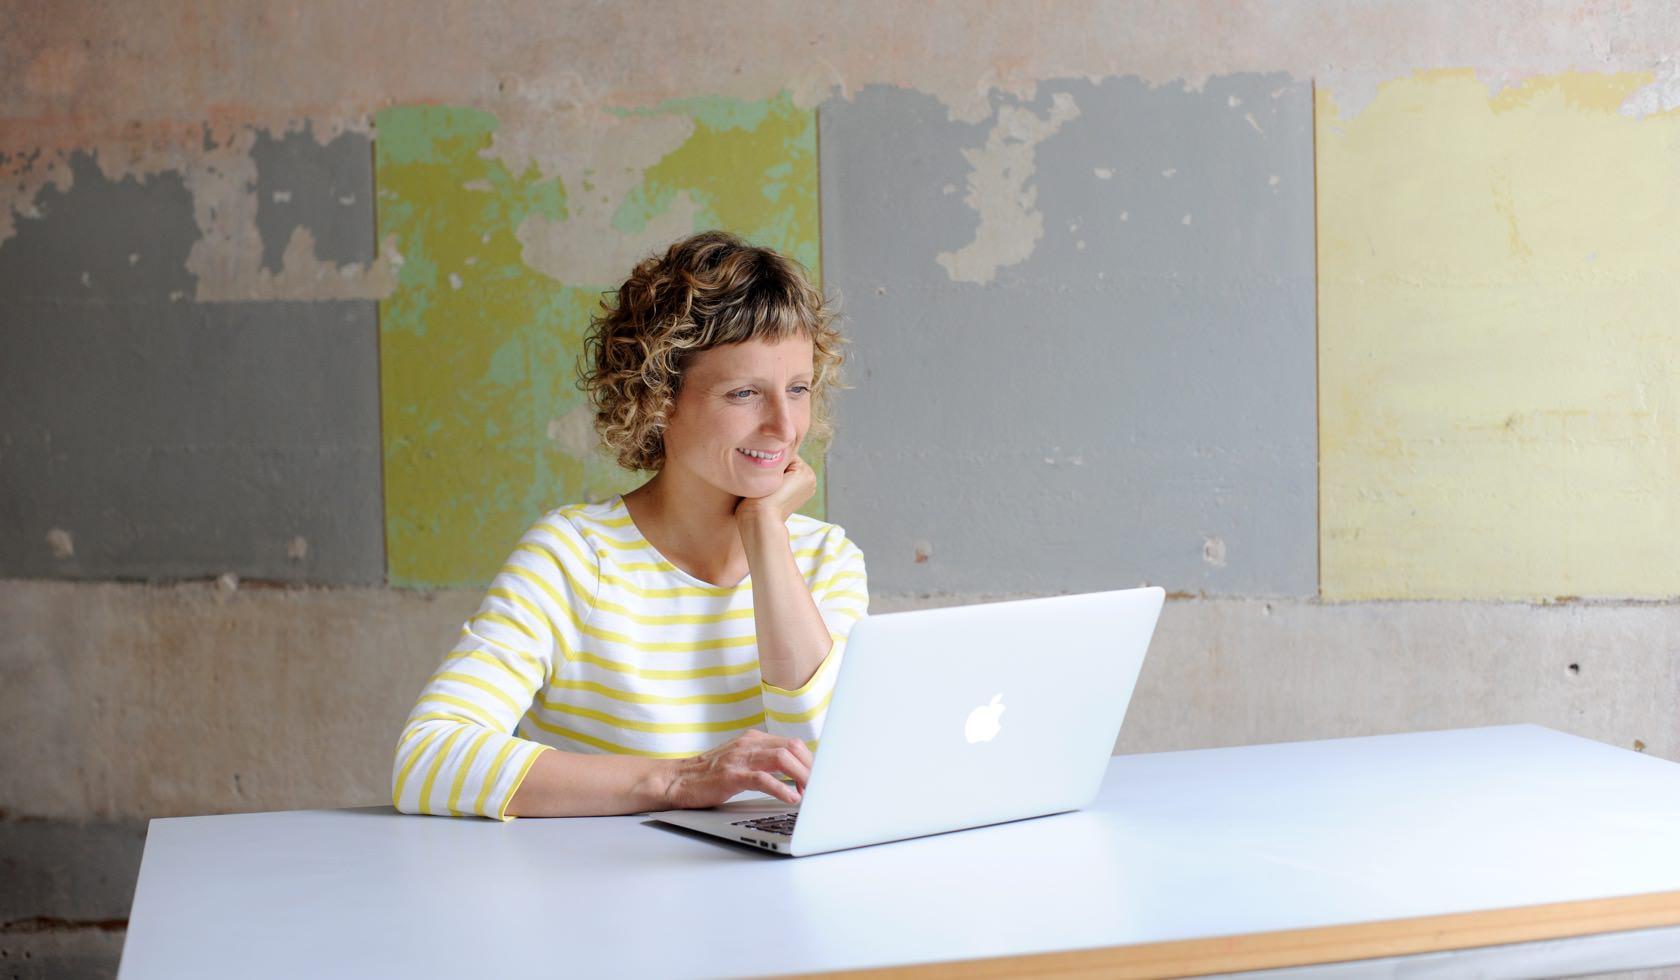 Wie du hunderte Webinar-Teilnehmer gewinnst (Webinar-Marketing-Plan Vorlage)